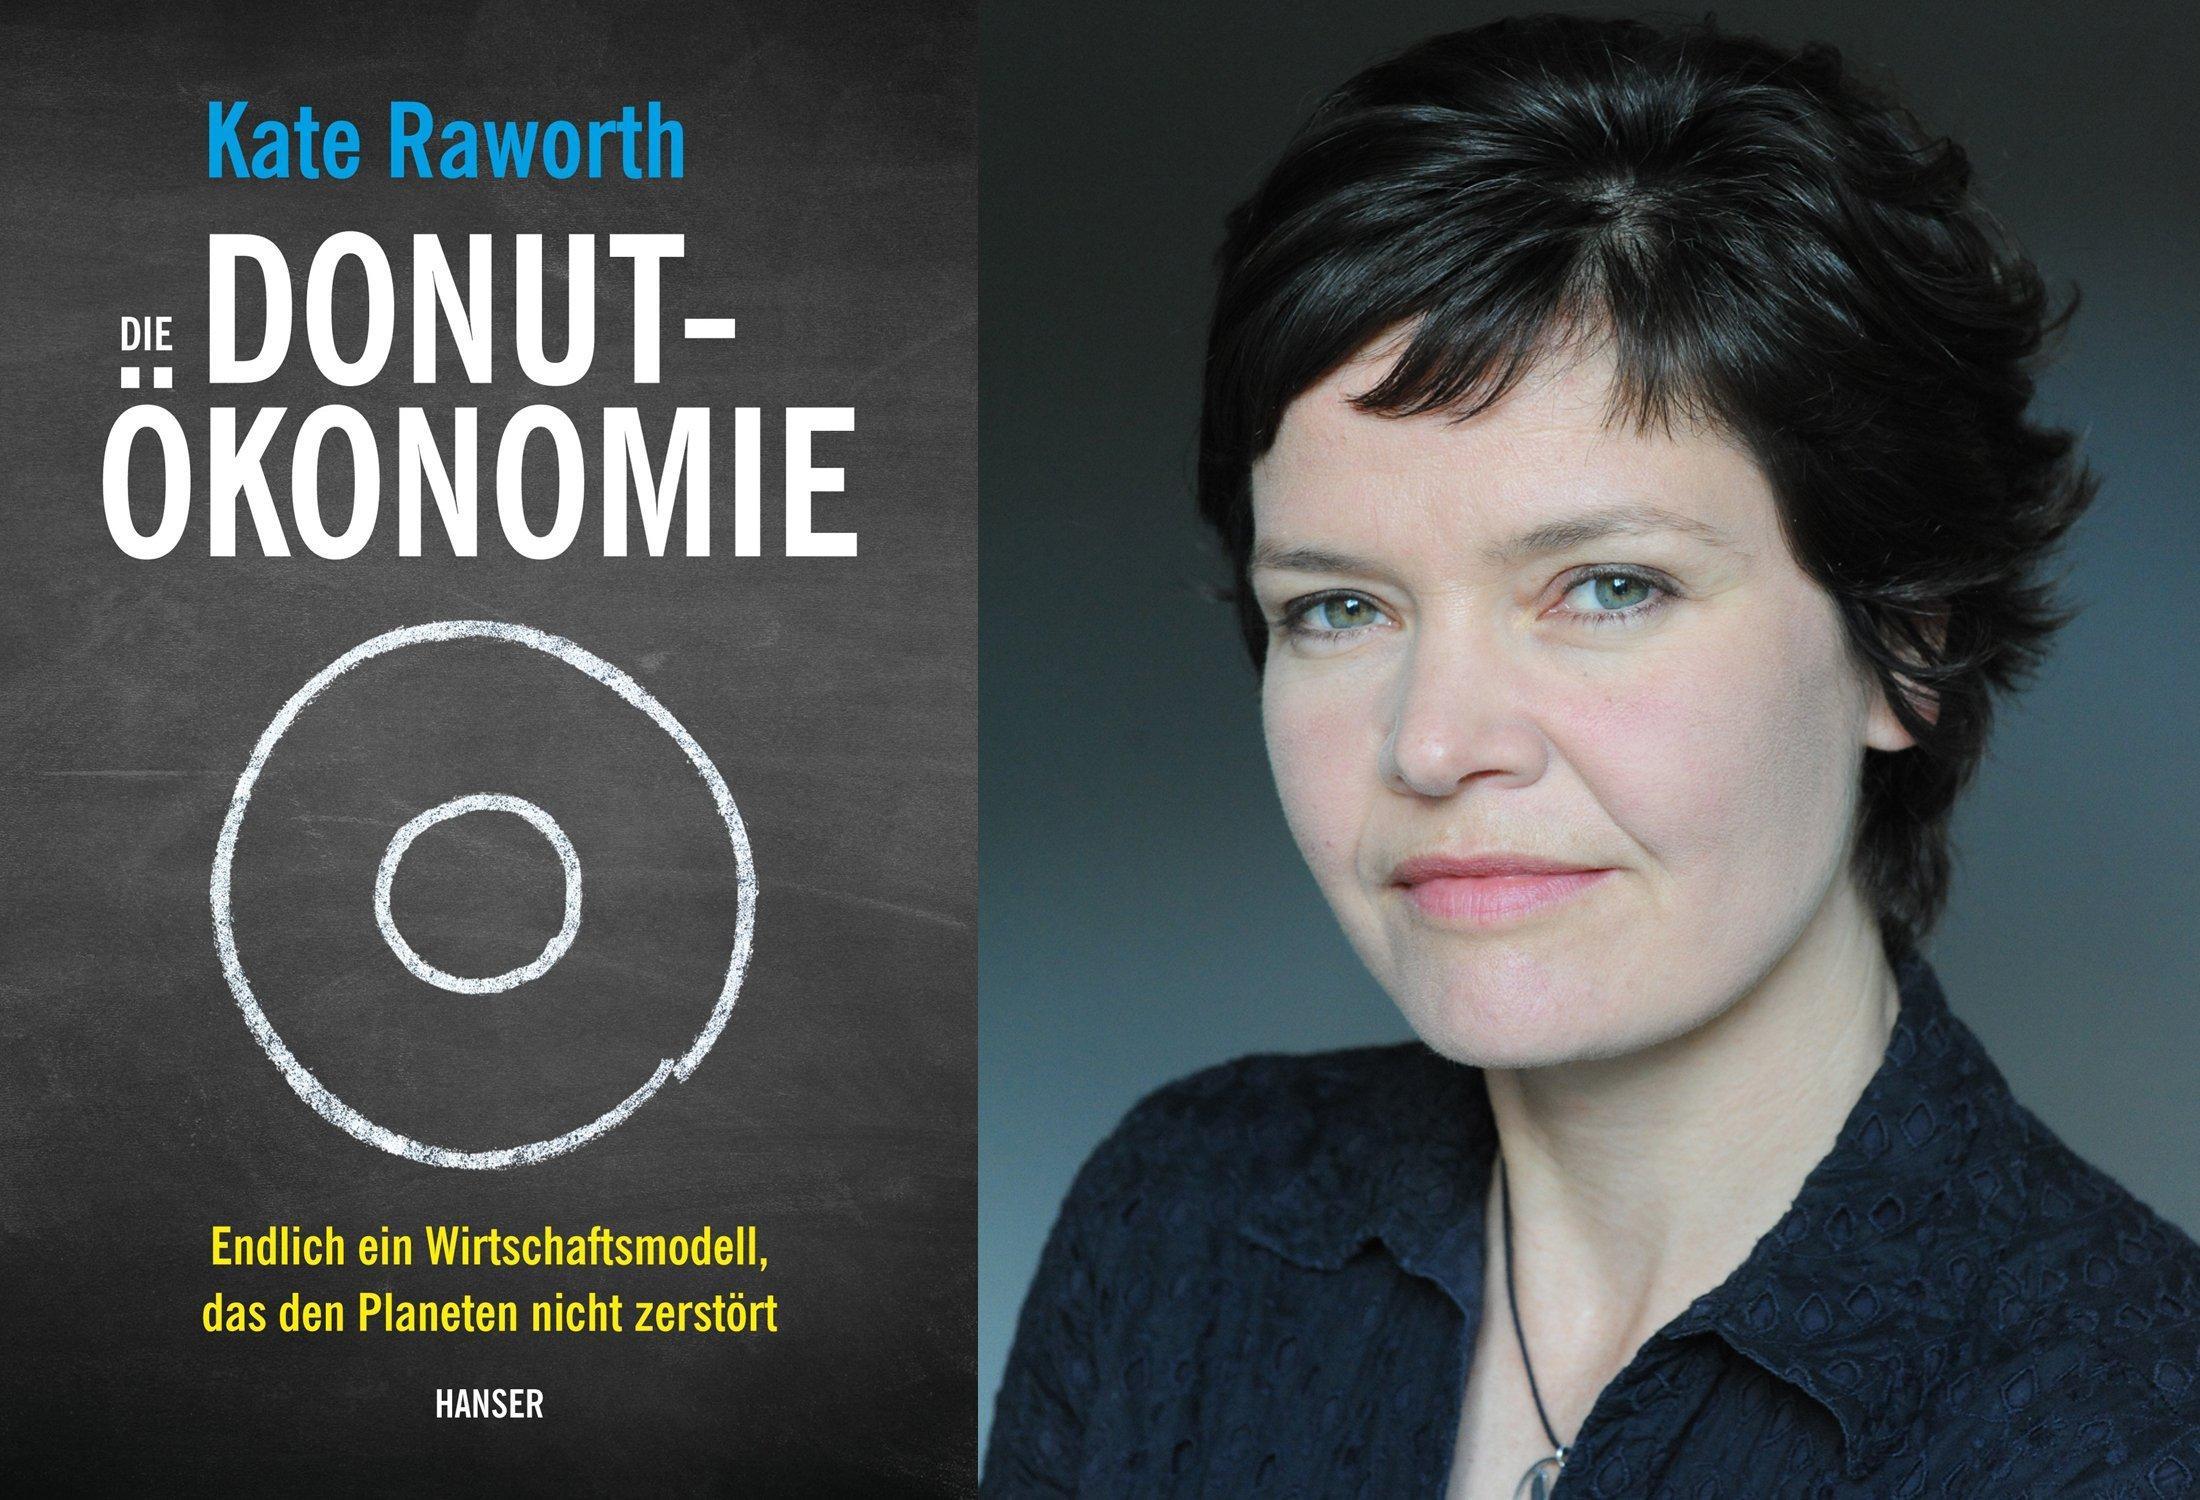 """Zusammengesetzte Aufnahme aus dem Cover des Buchs """"Die Donut-Ökonomie"""" links und einem Porträt der Autorin Kate Raworth rechts."""